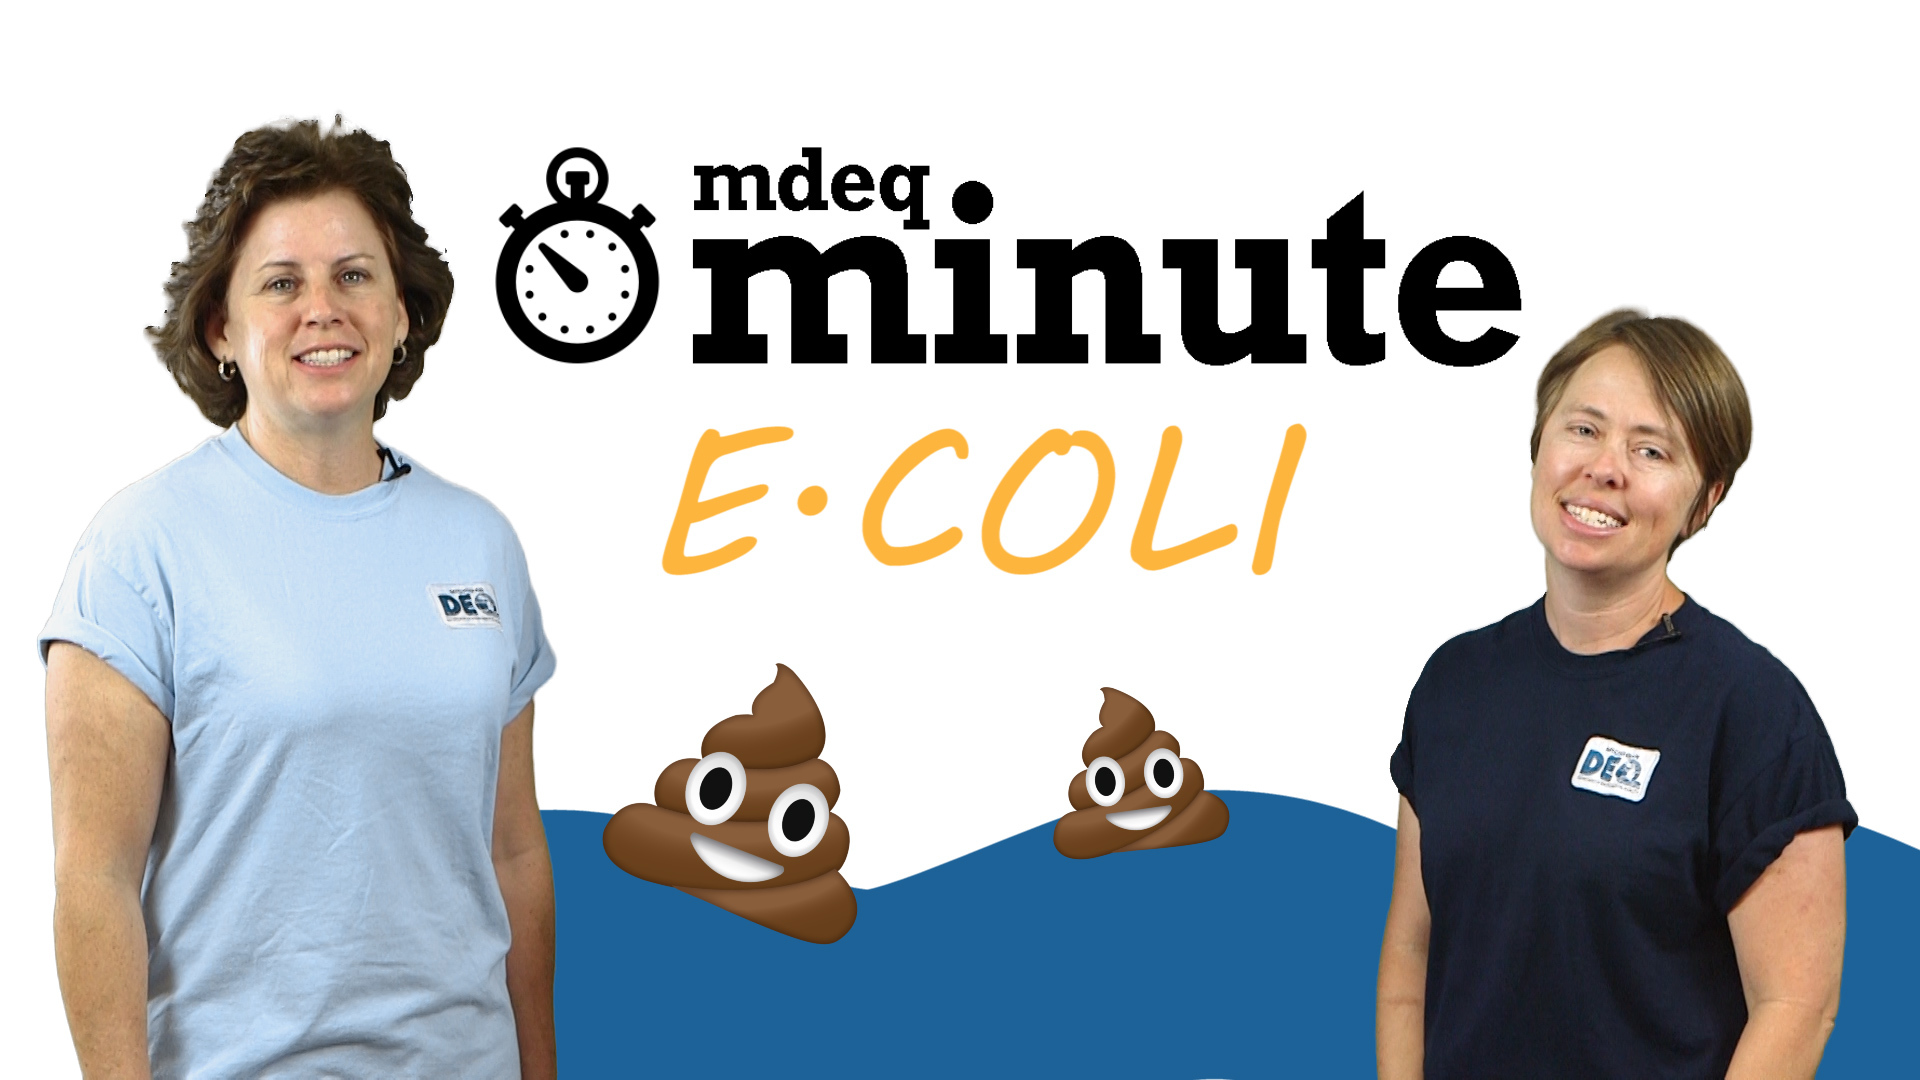 MDEQ Minute ecoli video